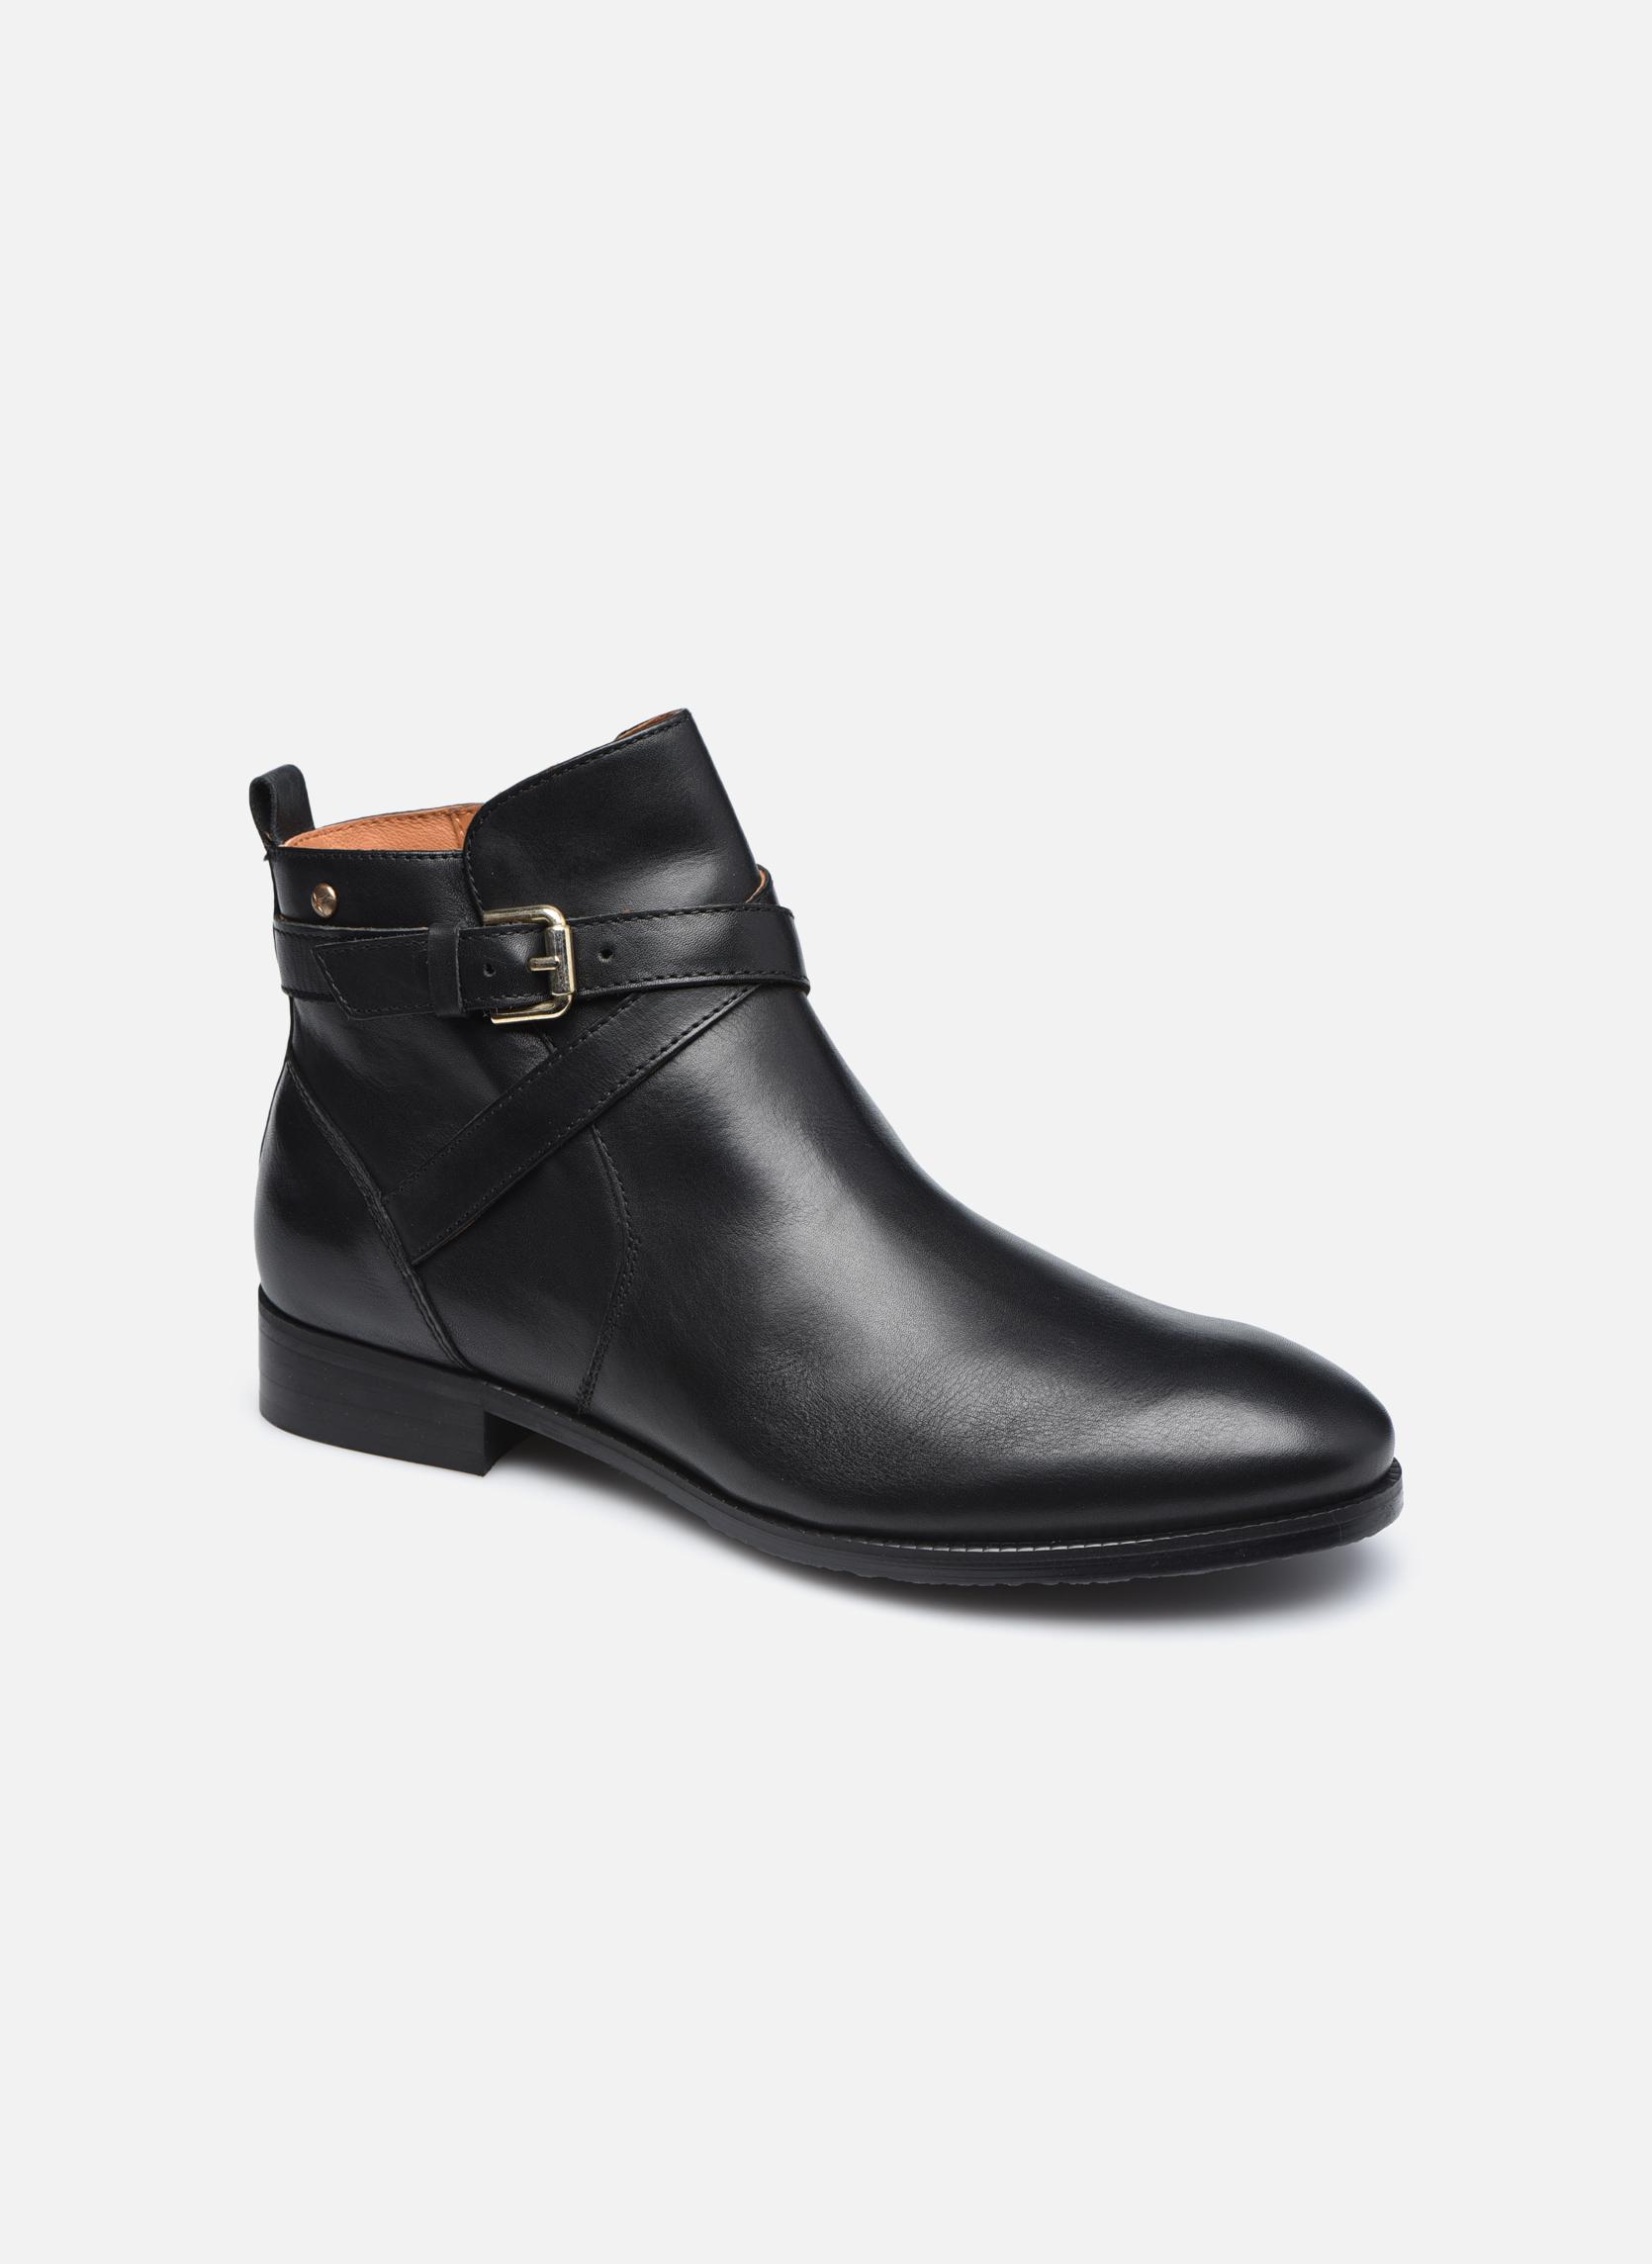 Bottines et boots Femme ROYAL W4D-8614